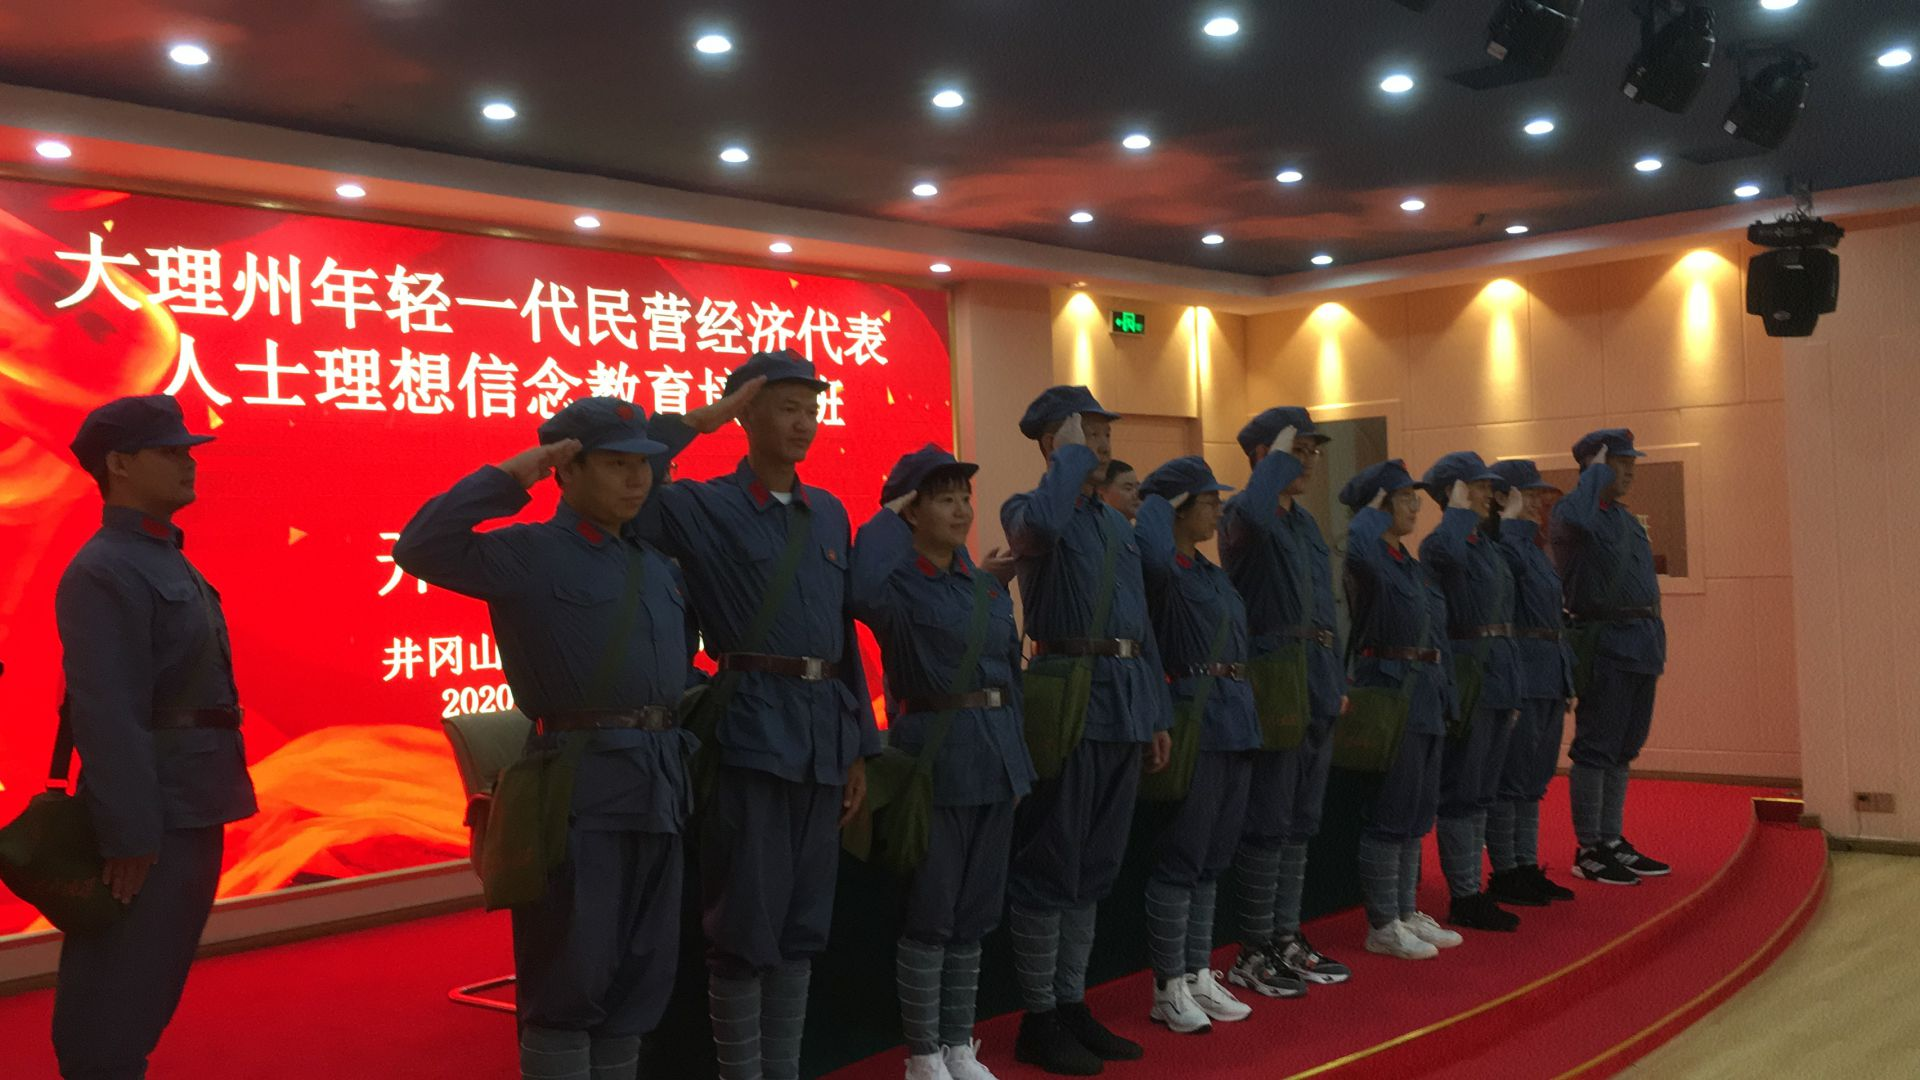 云南省大理州年轻一代民营经济代表人士理想信念教育培训班